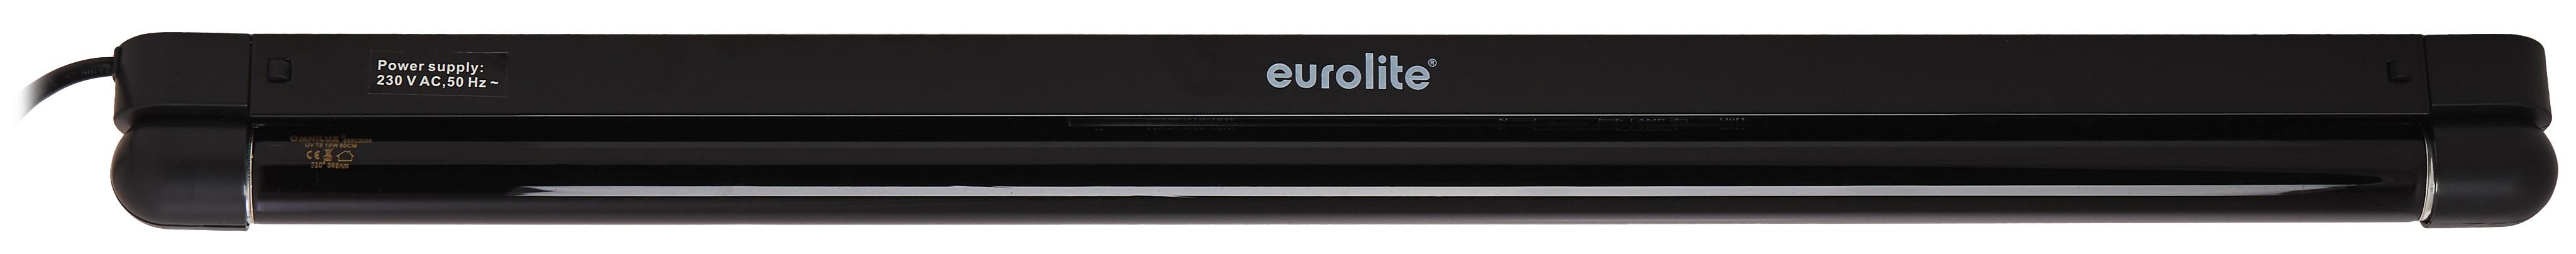 Eurolite UV zářivkové světlo 18W/60cm